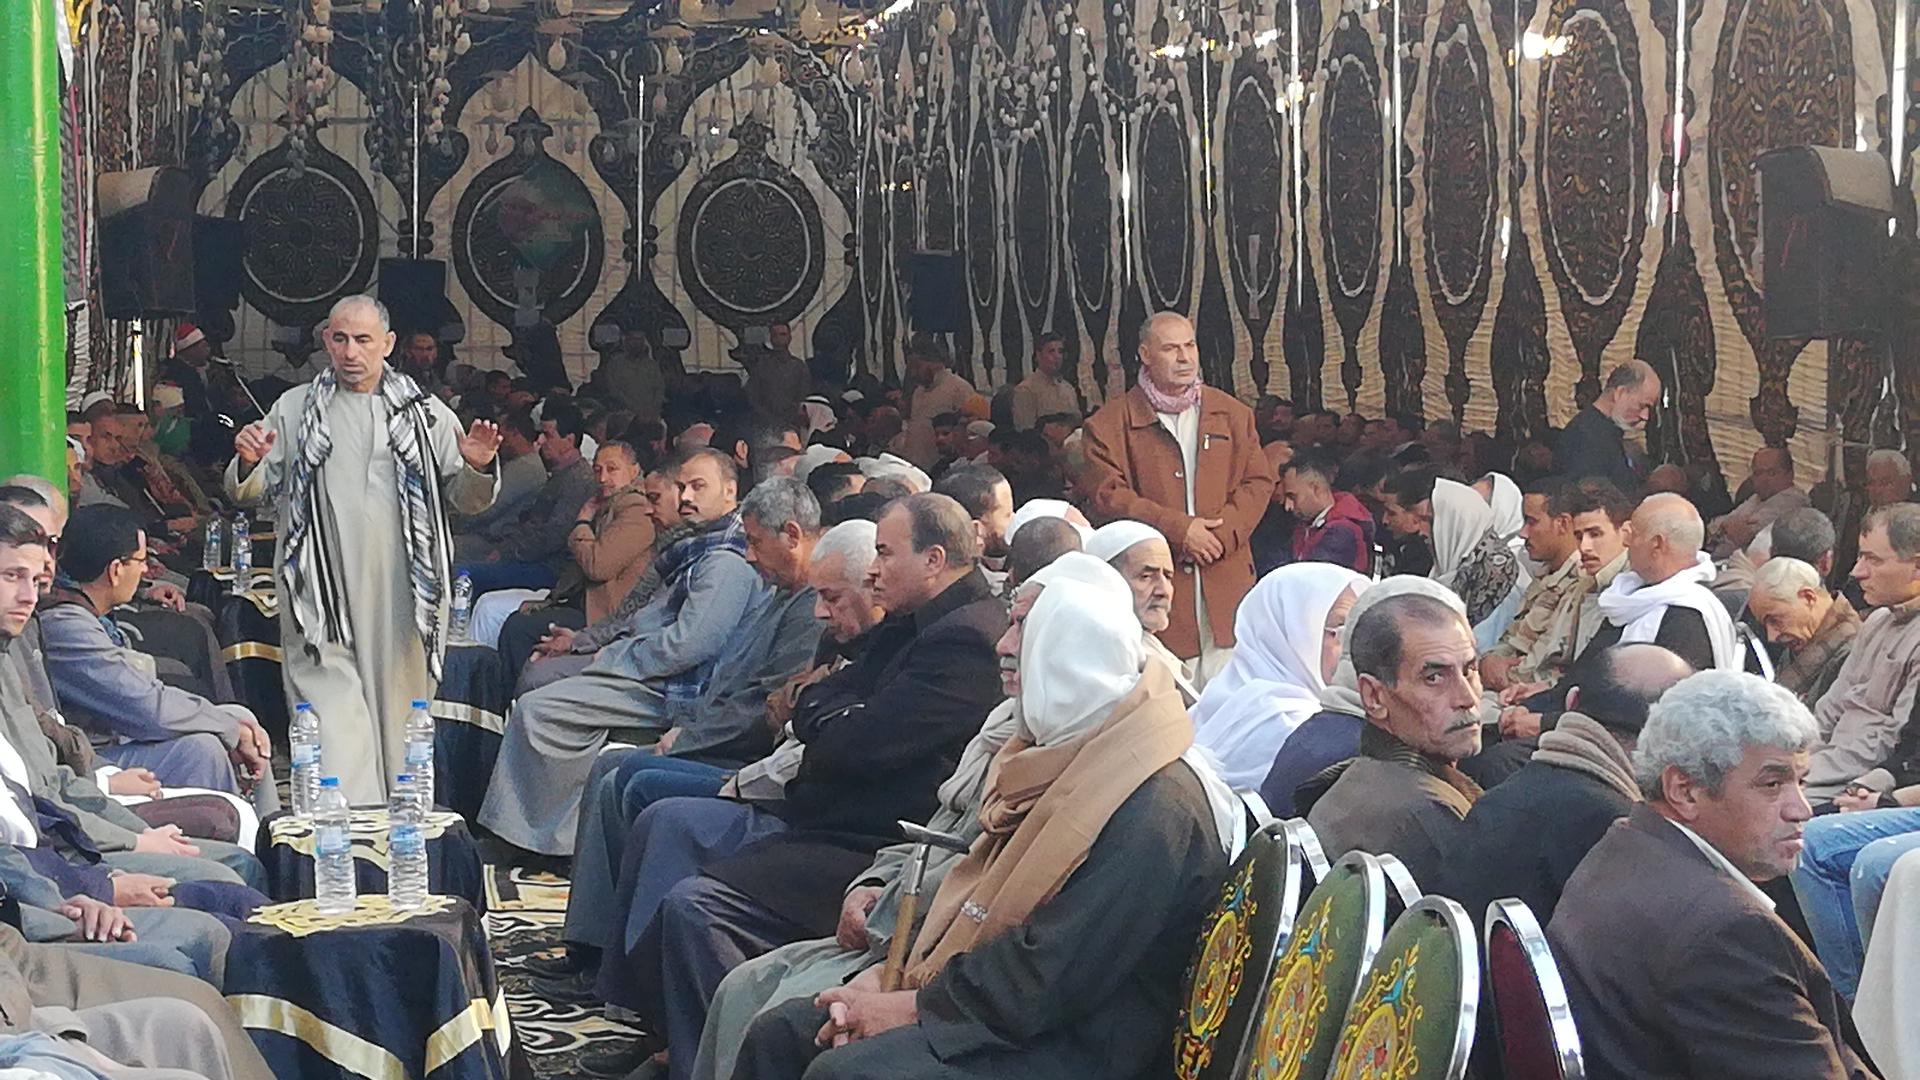 الألاف يؤدون واجب العزاء فى الشهيد مصطفى عبيد بمسقط راسه فى الجيزة (10)